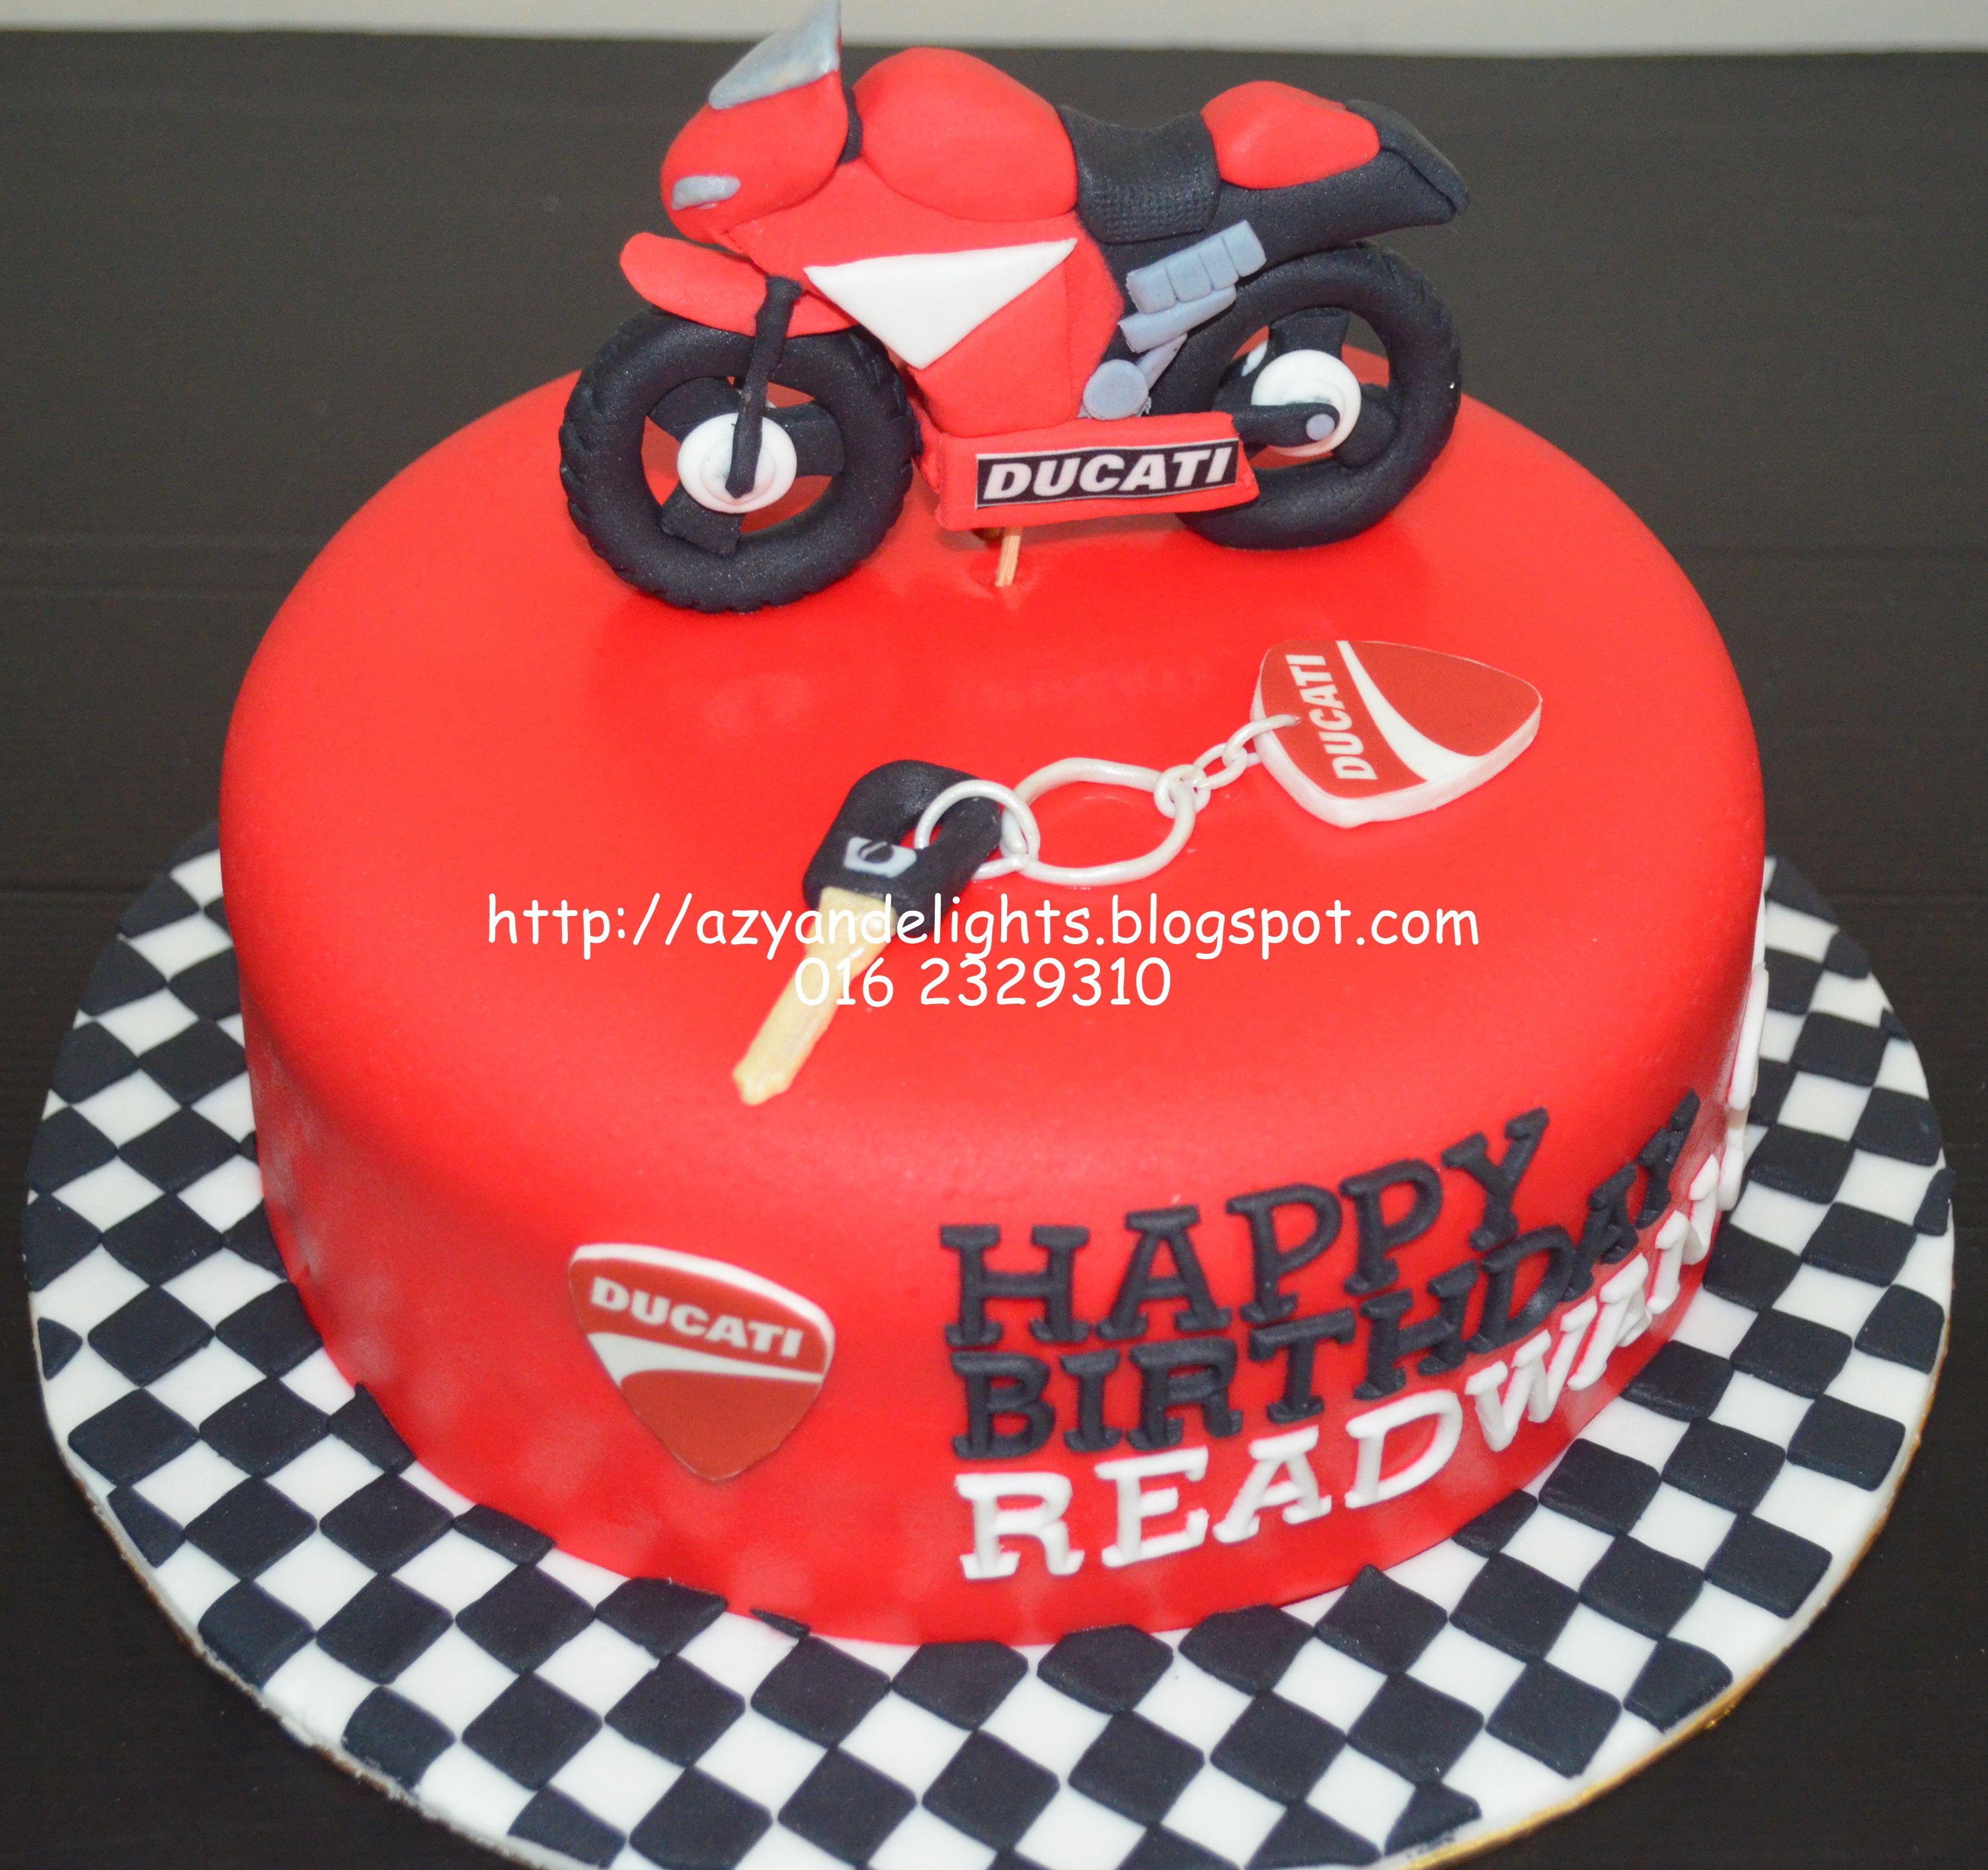 Surprising Aprilia Cupcakes Motorcycle Birthday Cakes Motorbike Cake Bike Funny Birthday Cards Online Alyptdamsfinfo